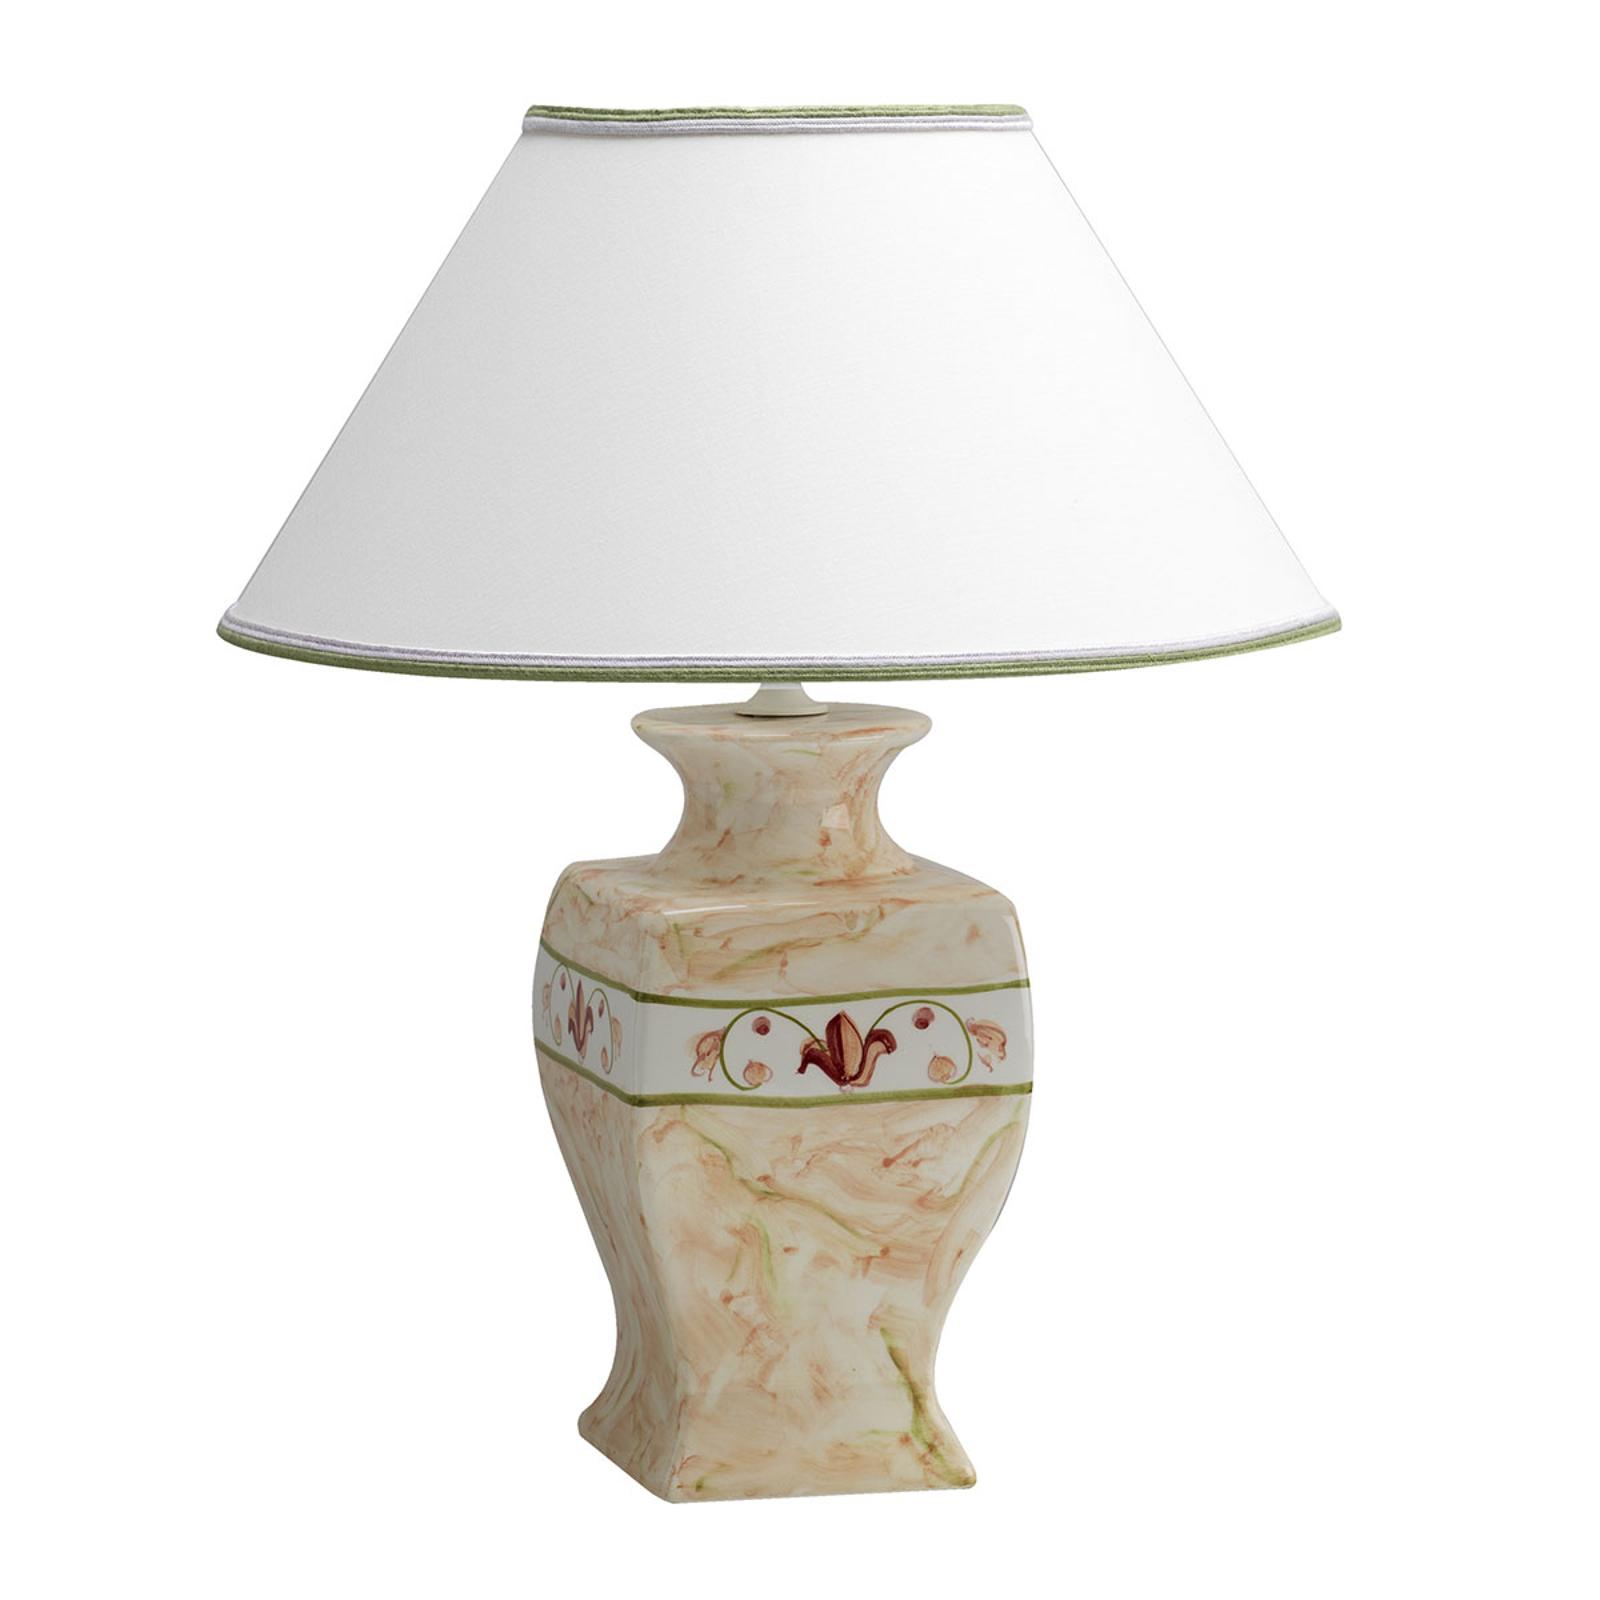 Keramikbordslampa Marmorino med textilskärm